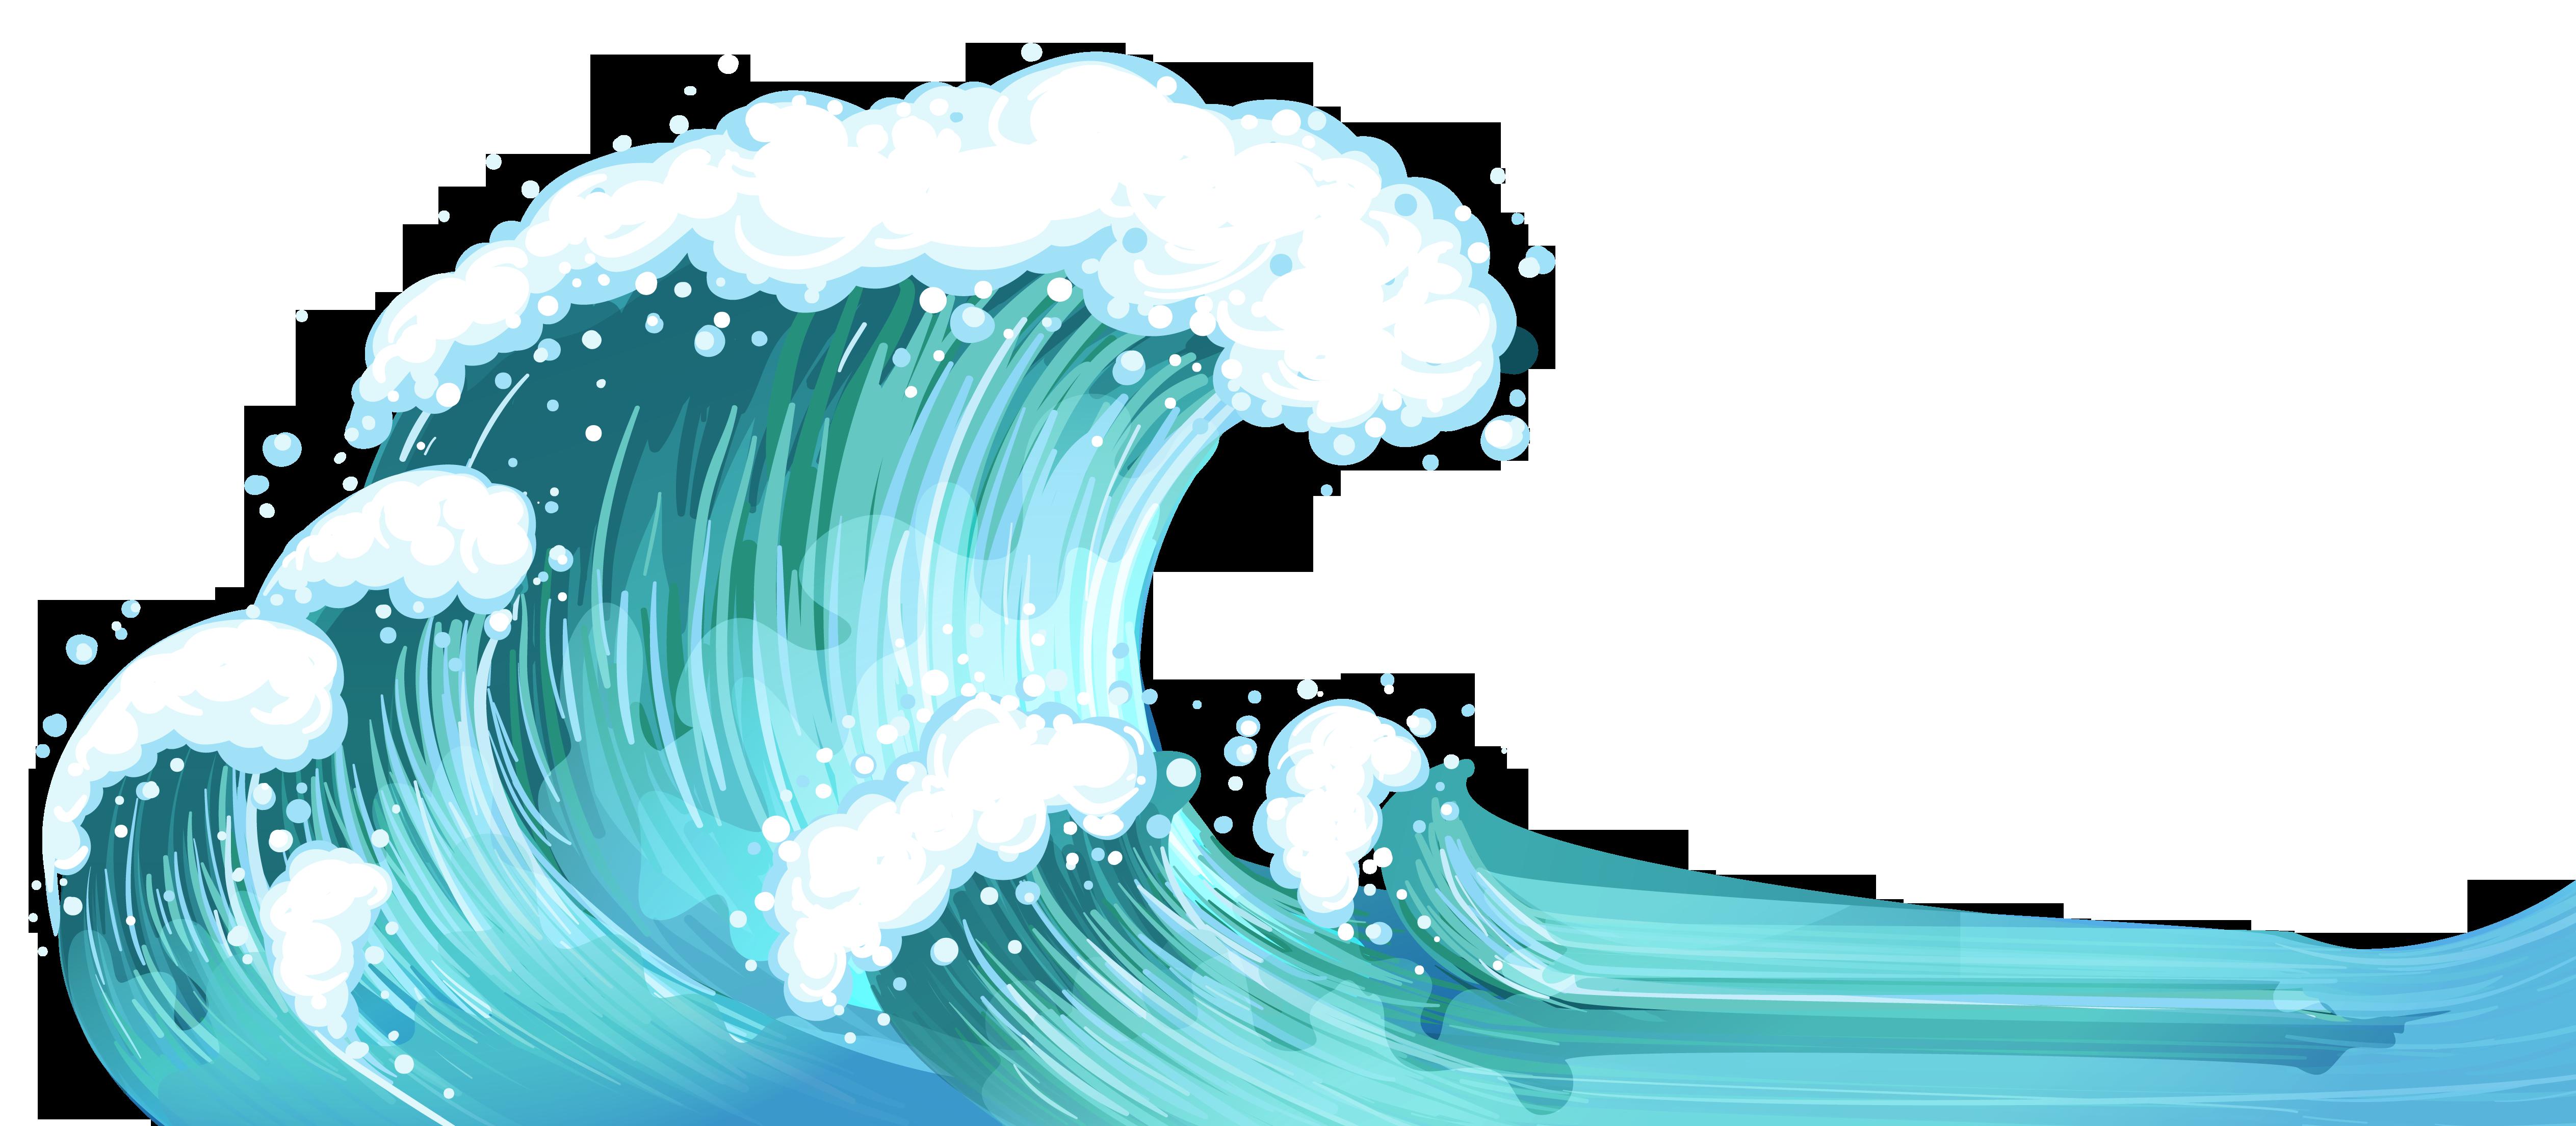 Waves PNG HD Border - 128834